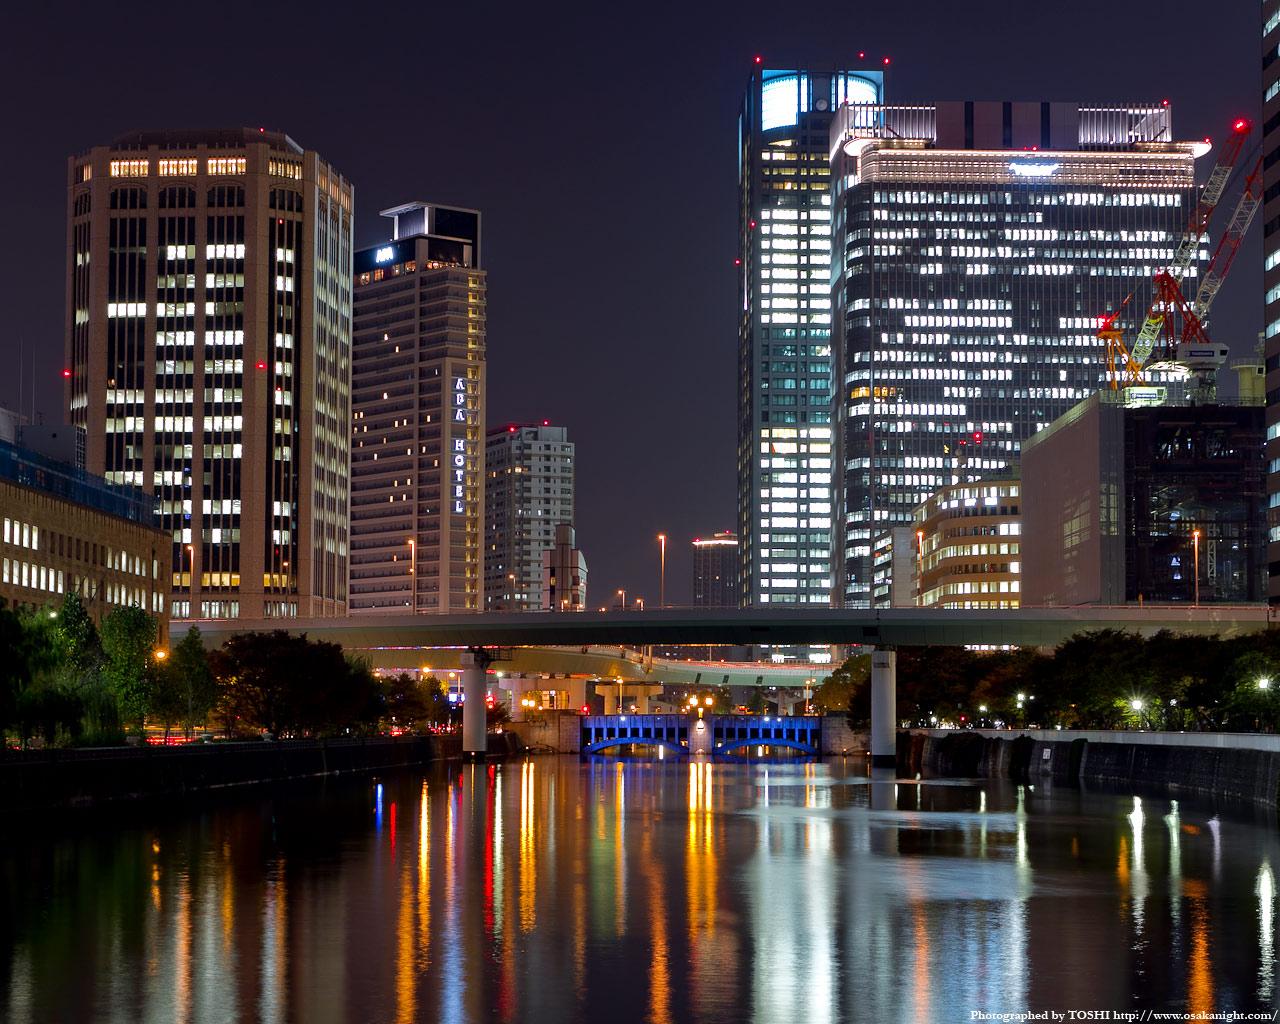 土佐堀川と中之島の高層ビル群夜景2